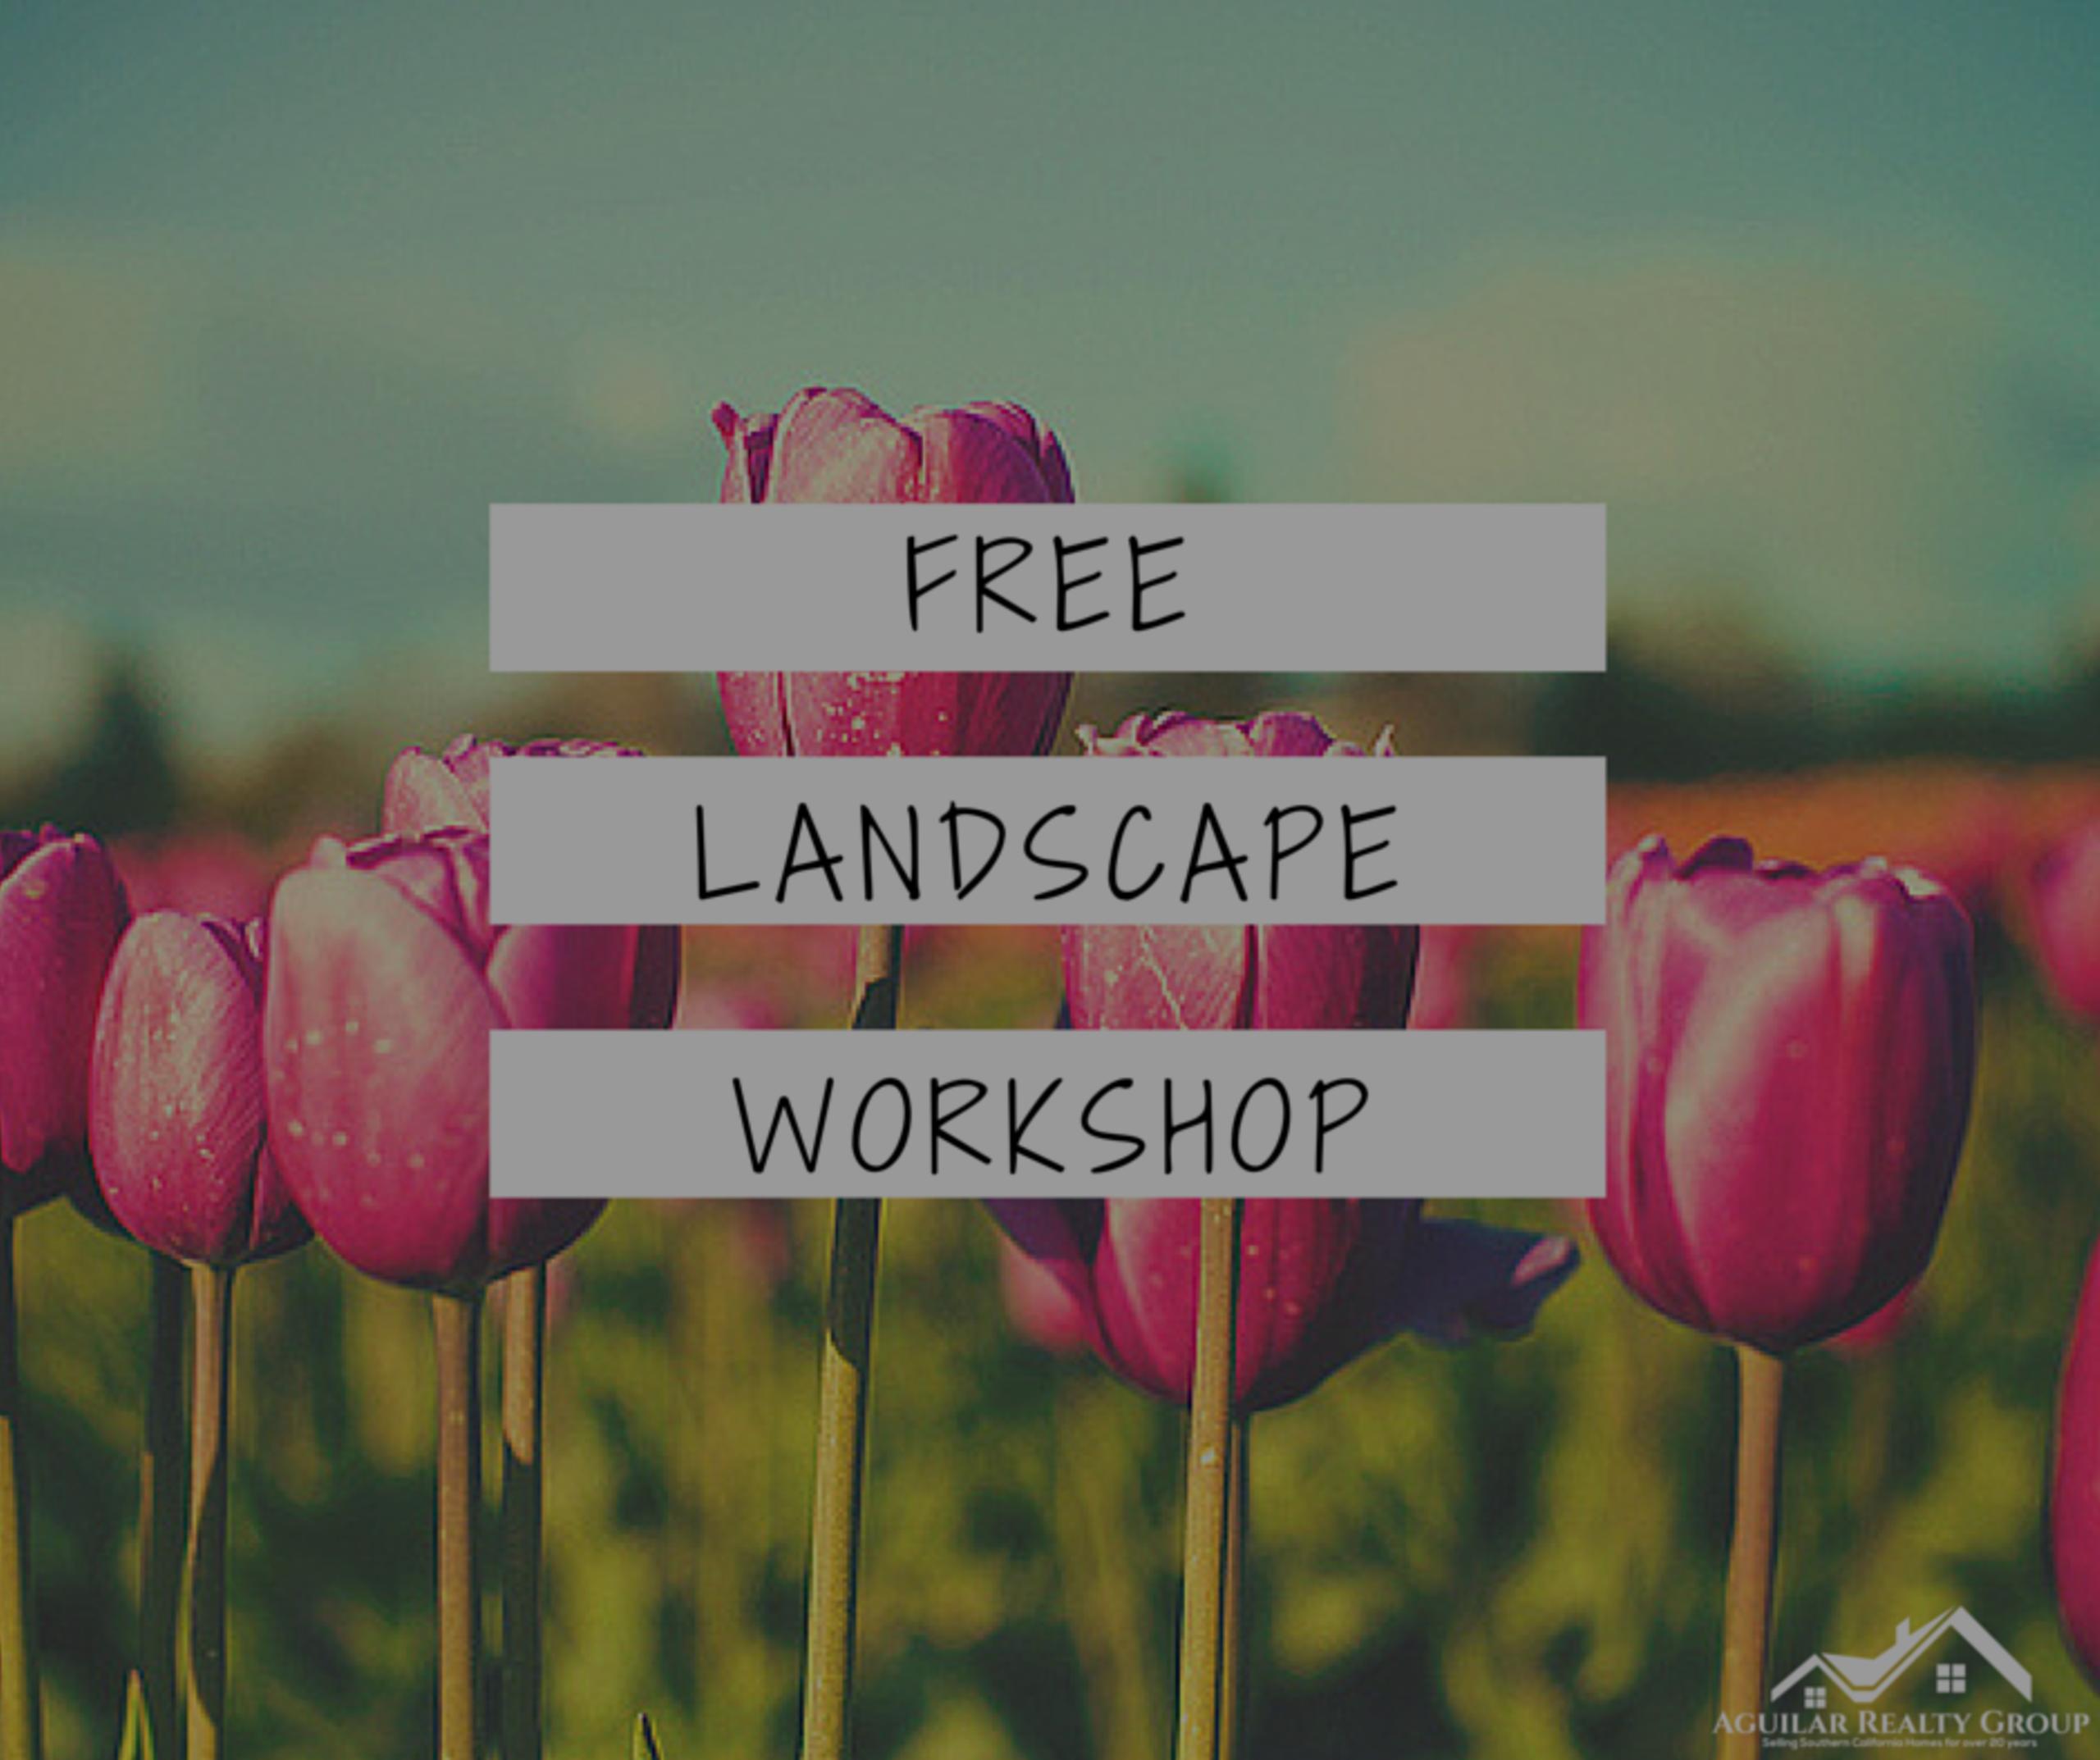 FREE Landscape workshop